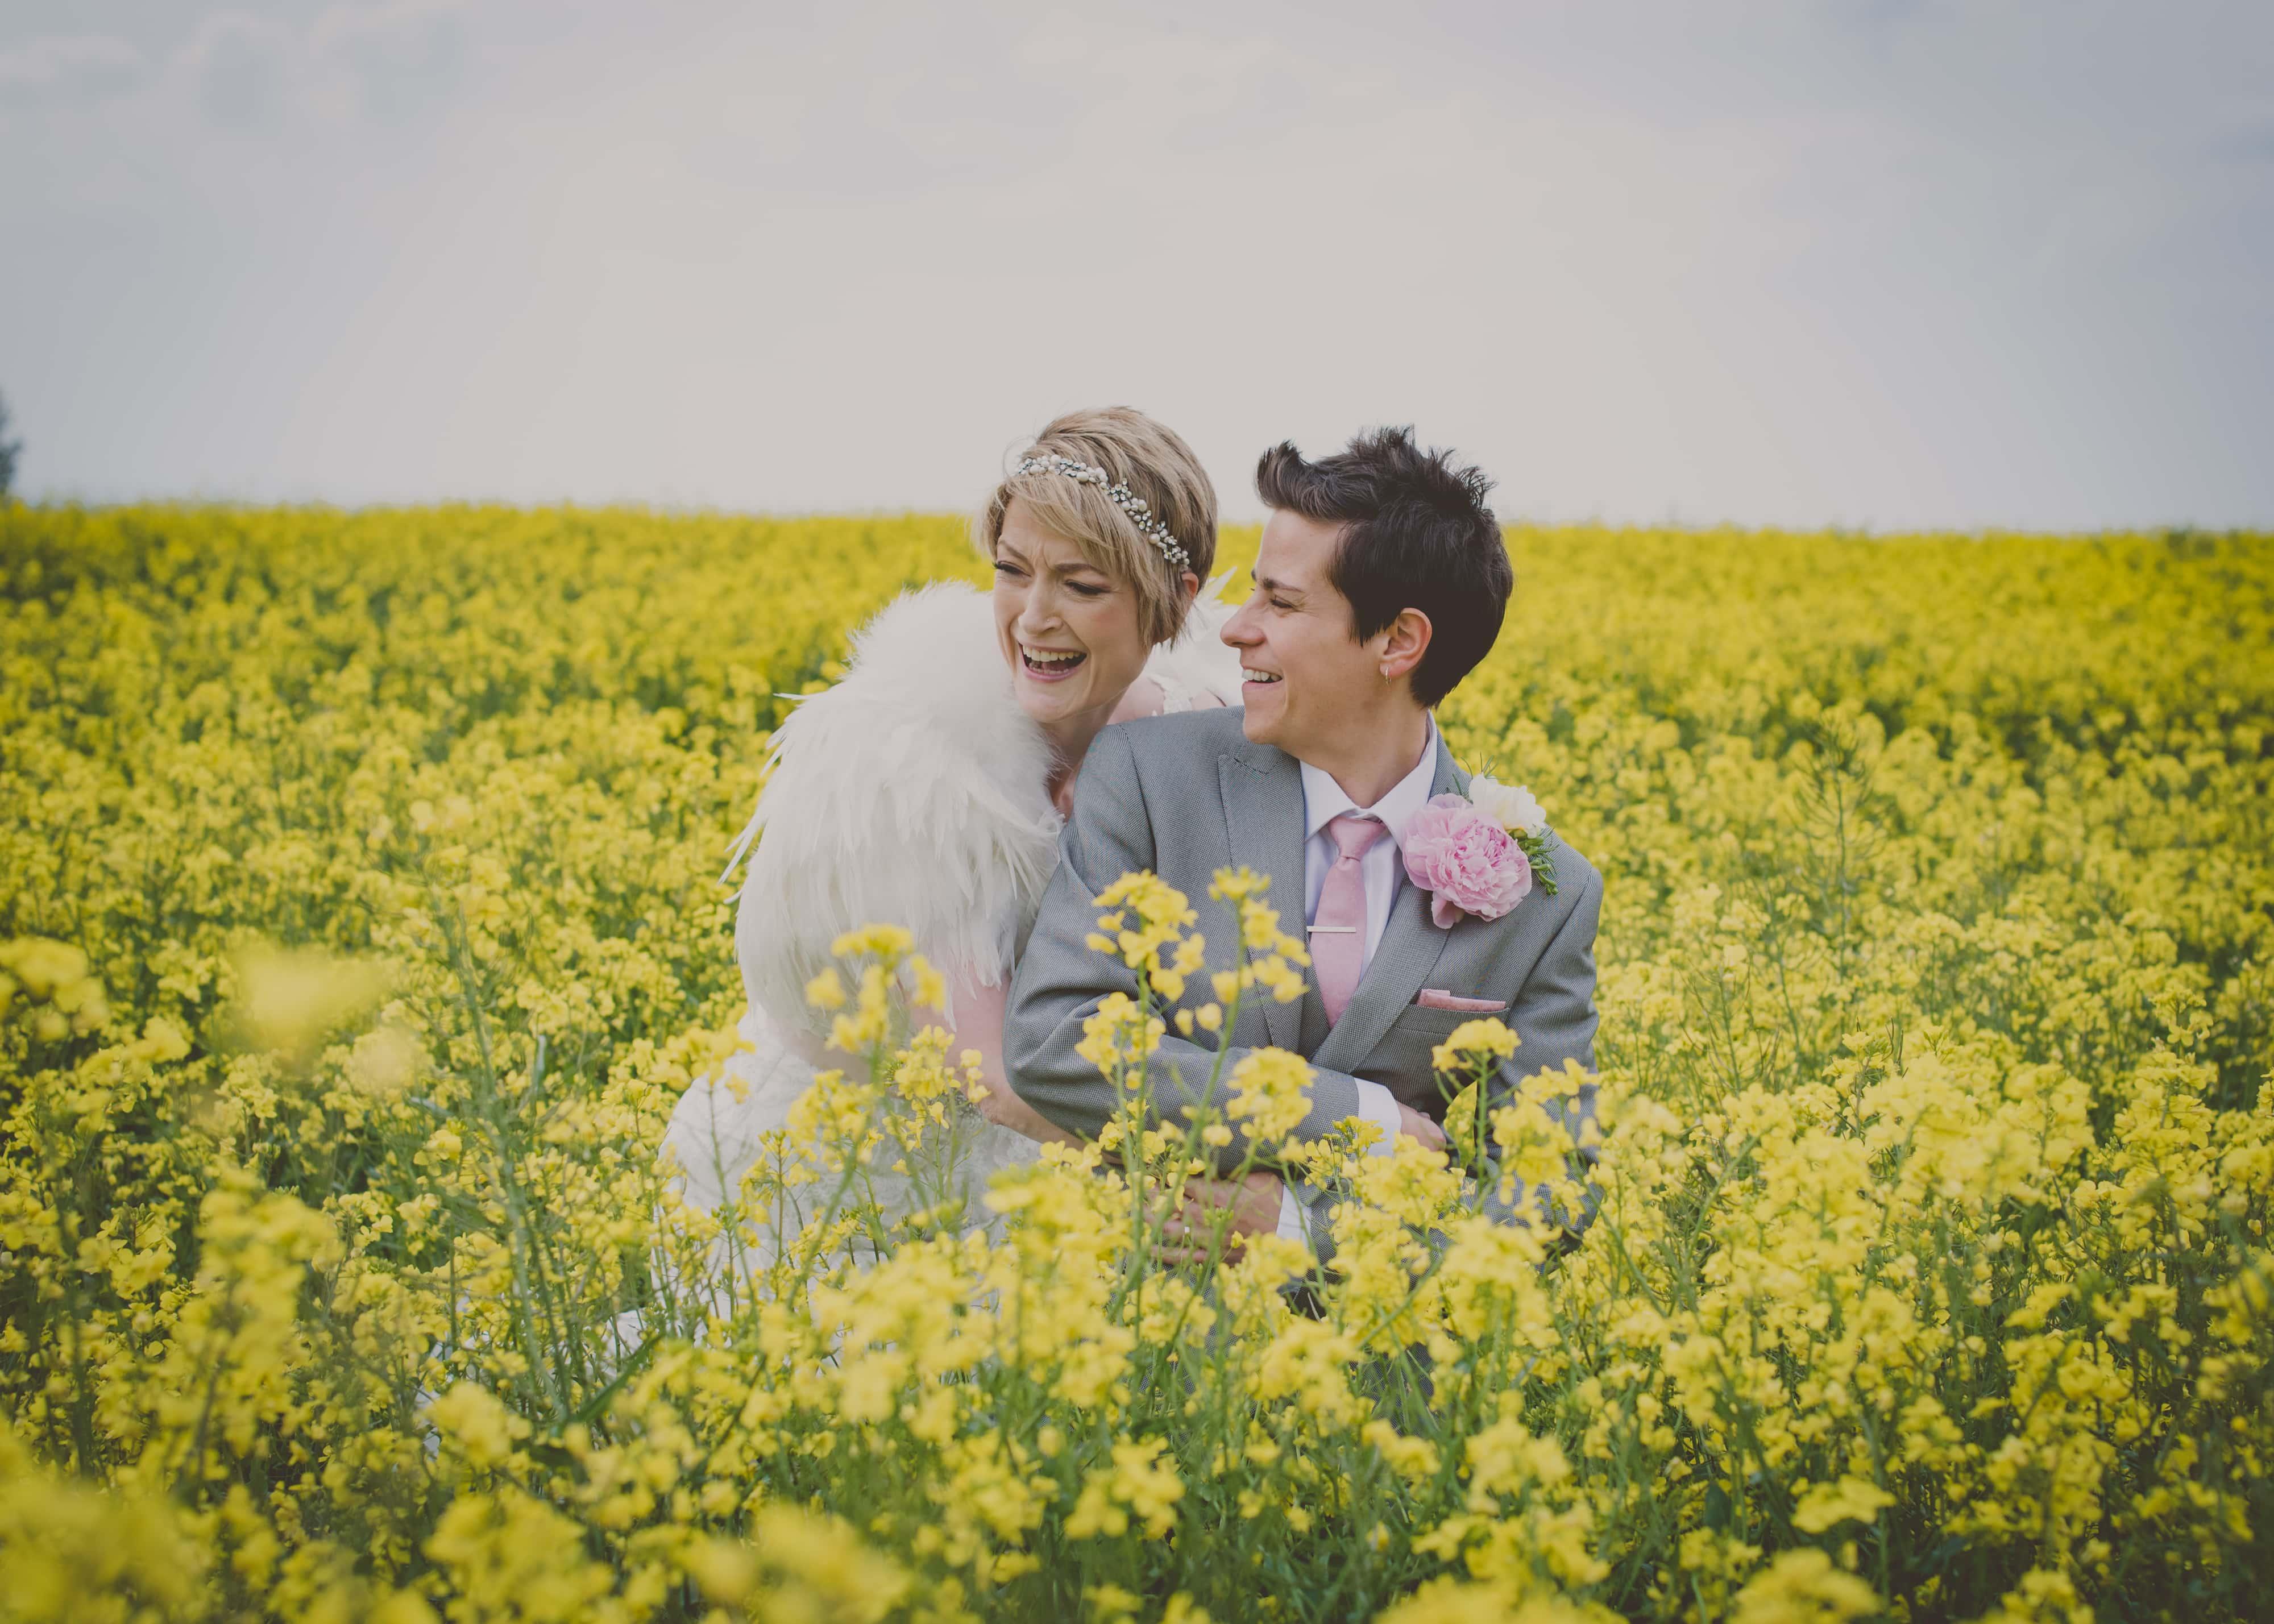 wedding readings, same sex wedding, northern wedding photographer, pontefract wedding